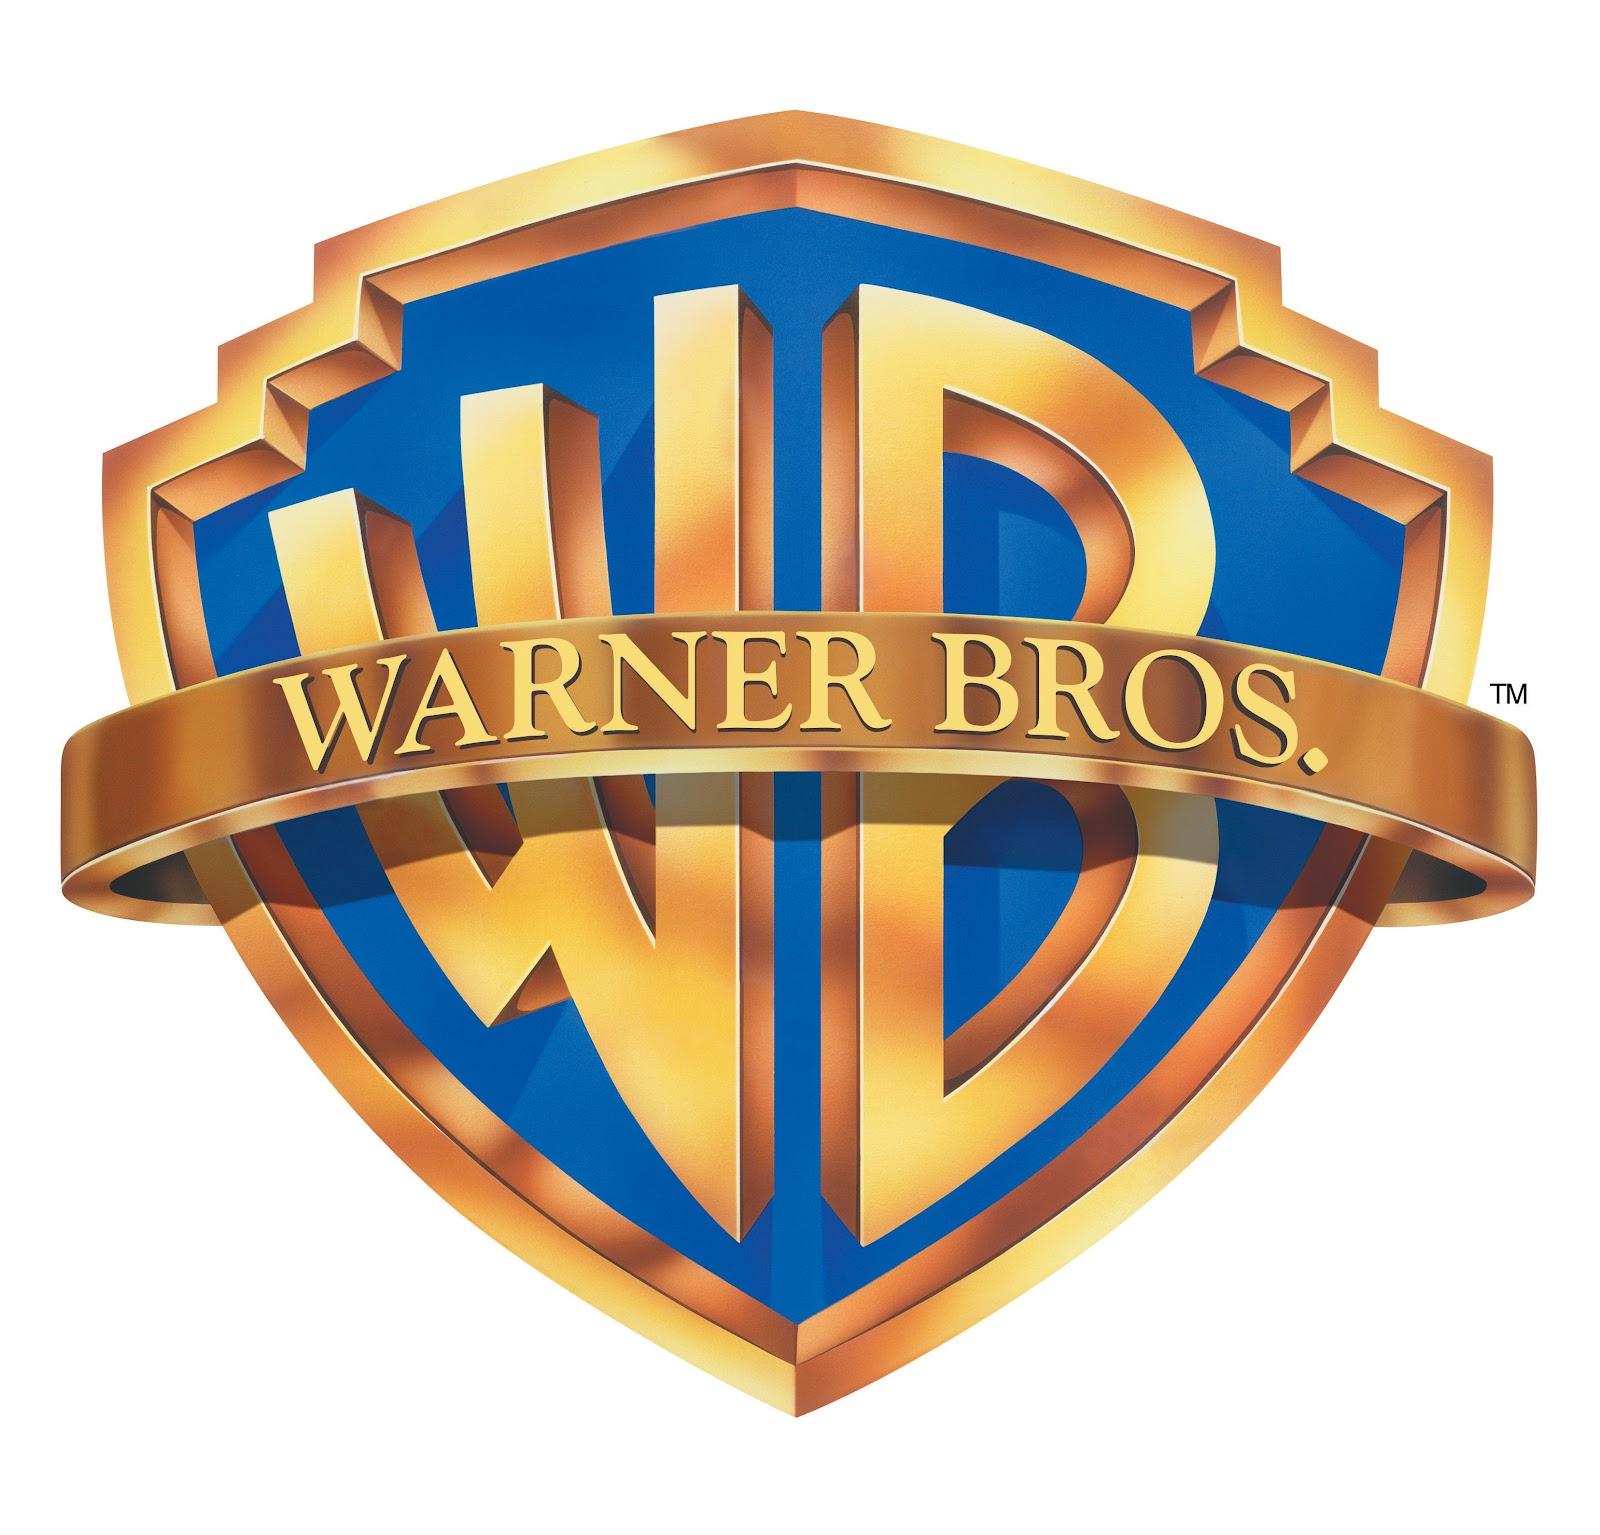 Anche la Warner Bros. a Lucca C&G 2013